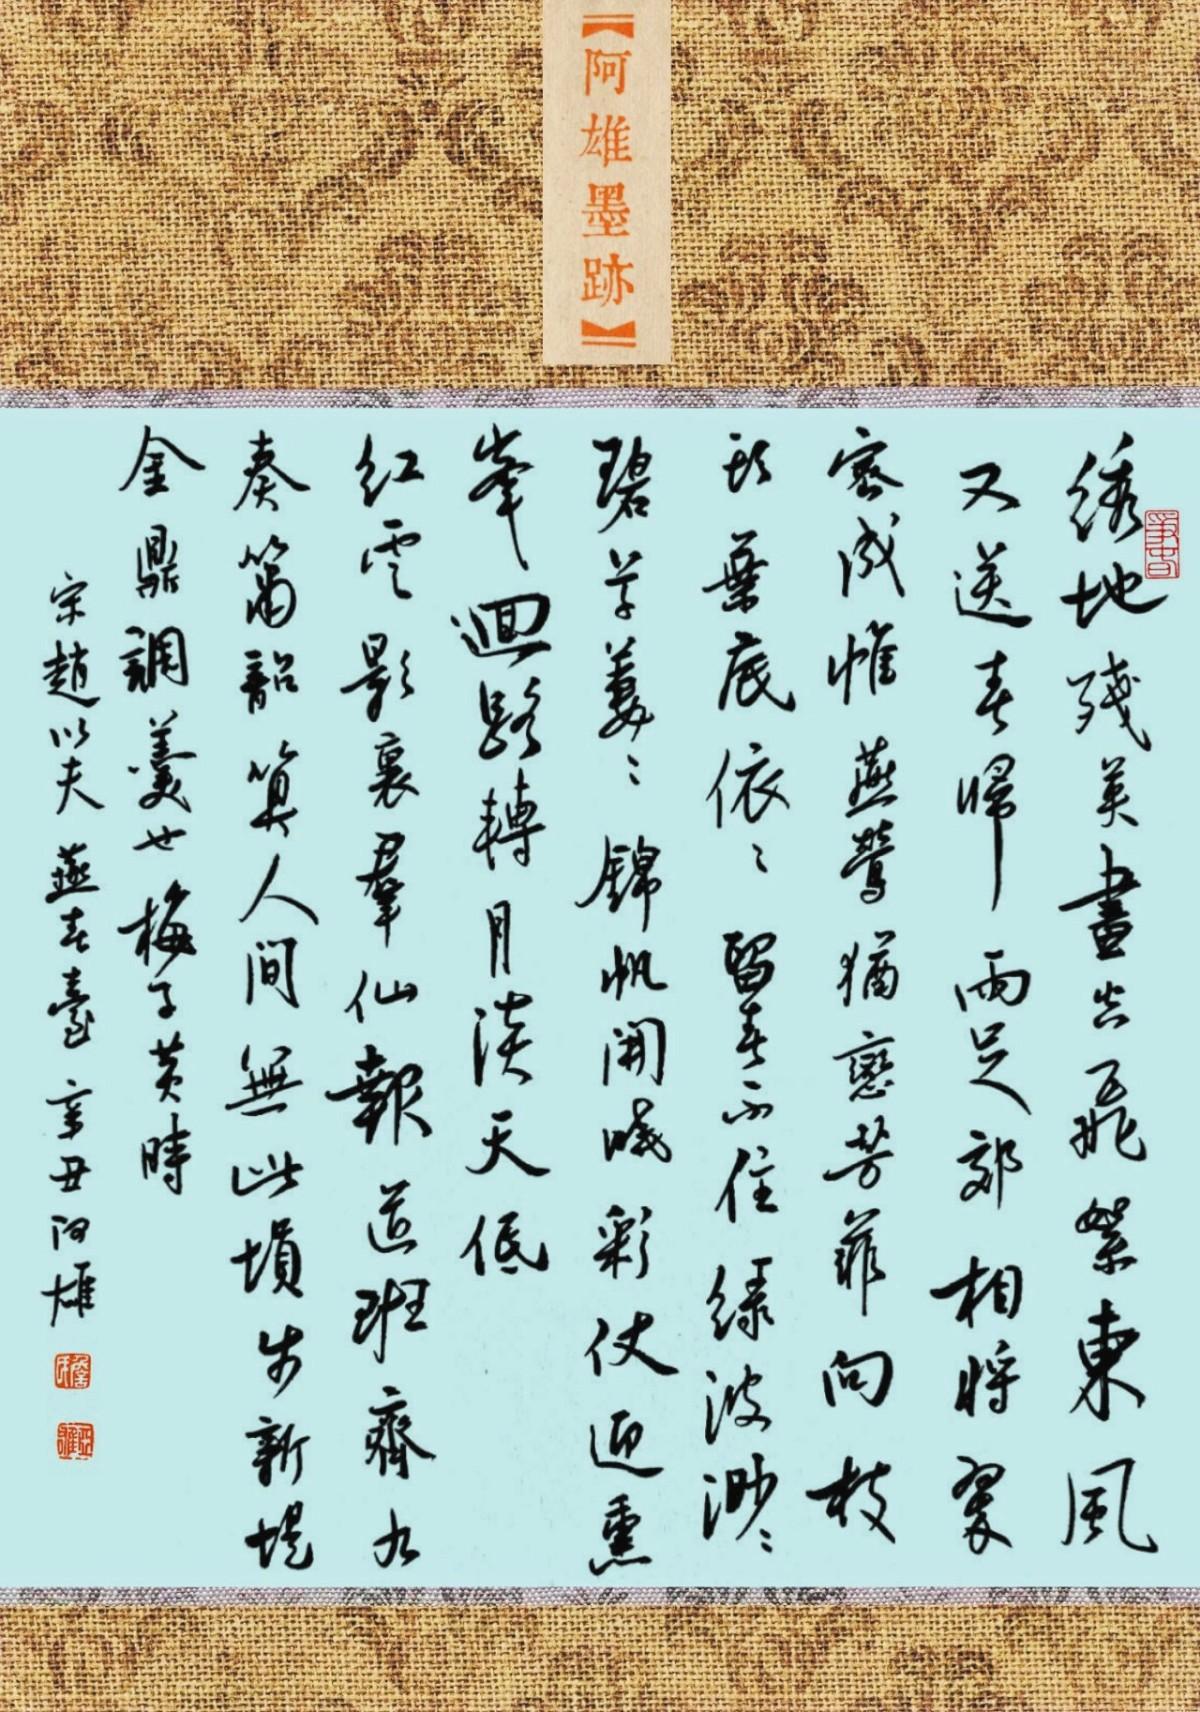 钢笔书法练字打卡20210817-03